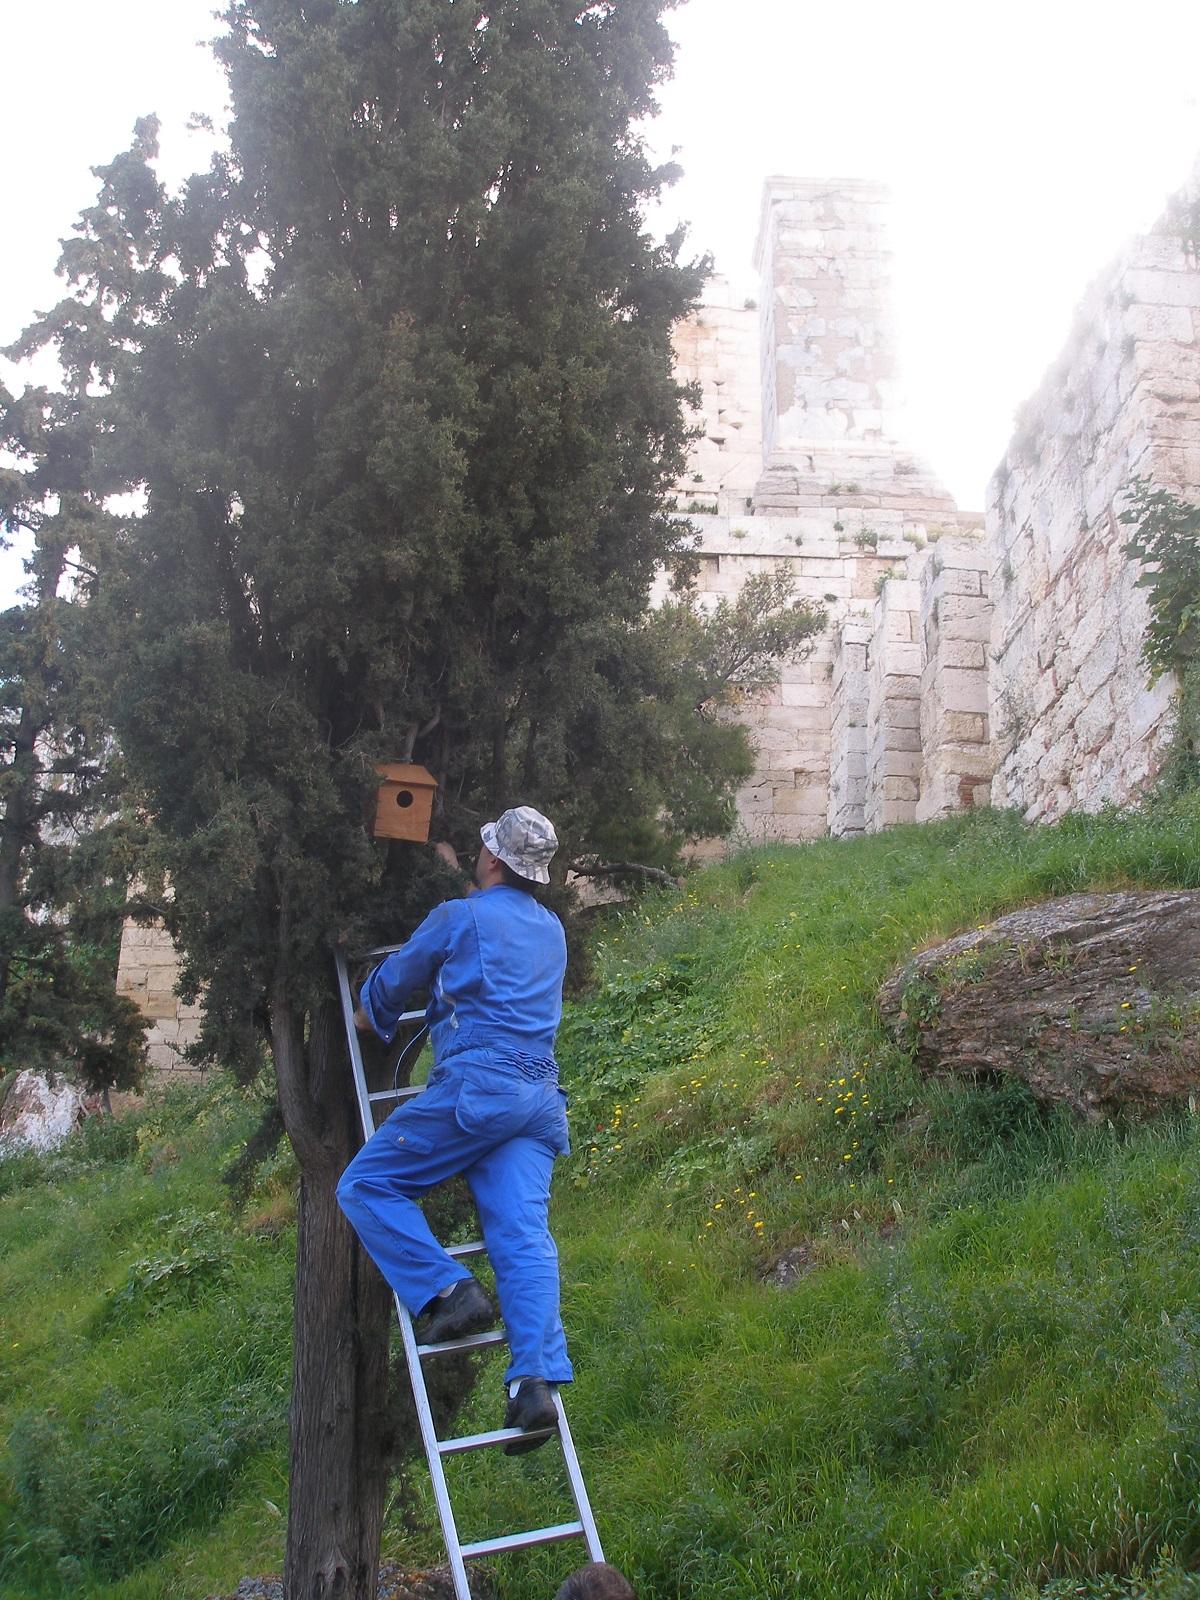 Τοποθέτηση τεχνητών φωλιών στην Ακρόπολη